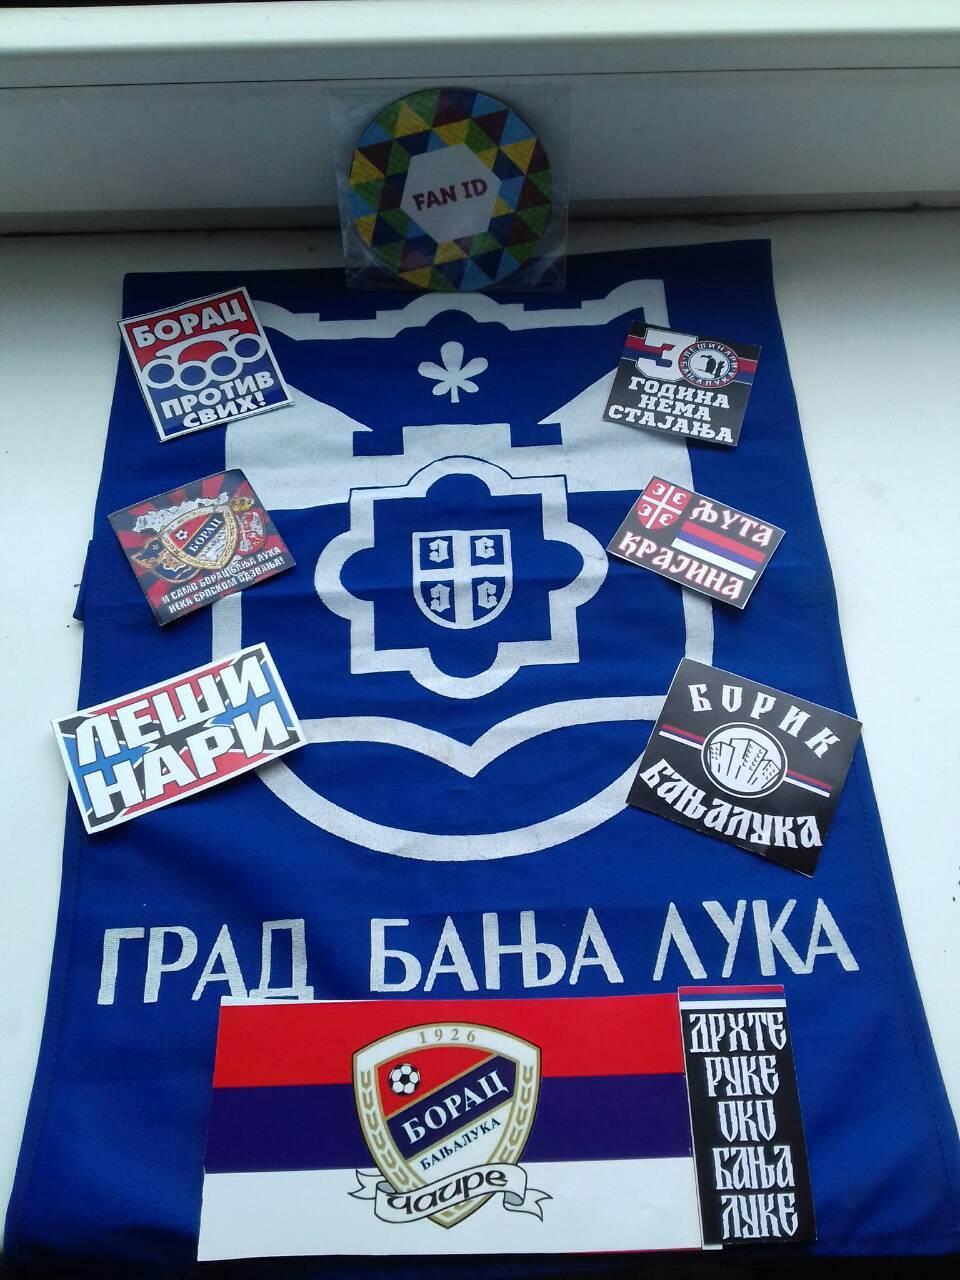 Borčeva zastava vijori se i u Rusiji! (FOTO)